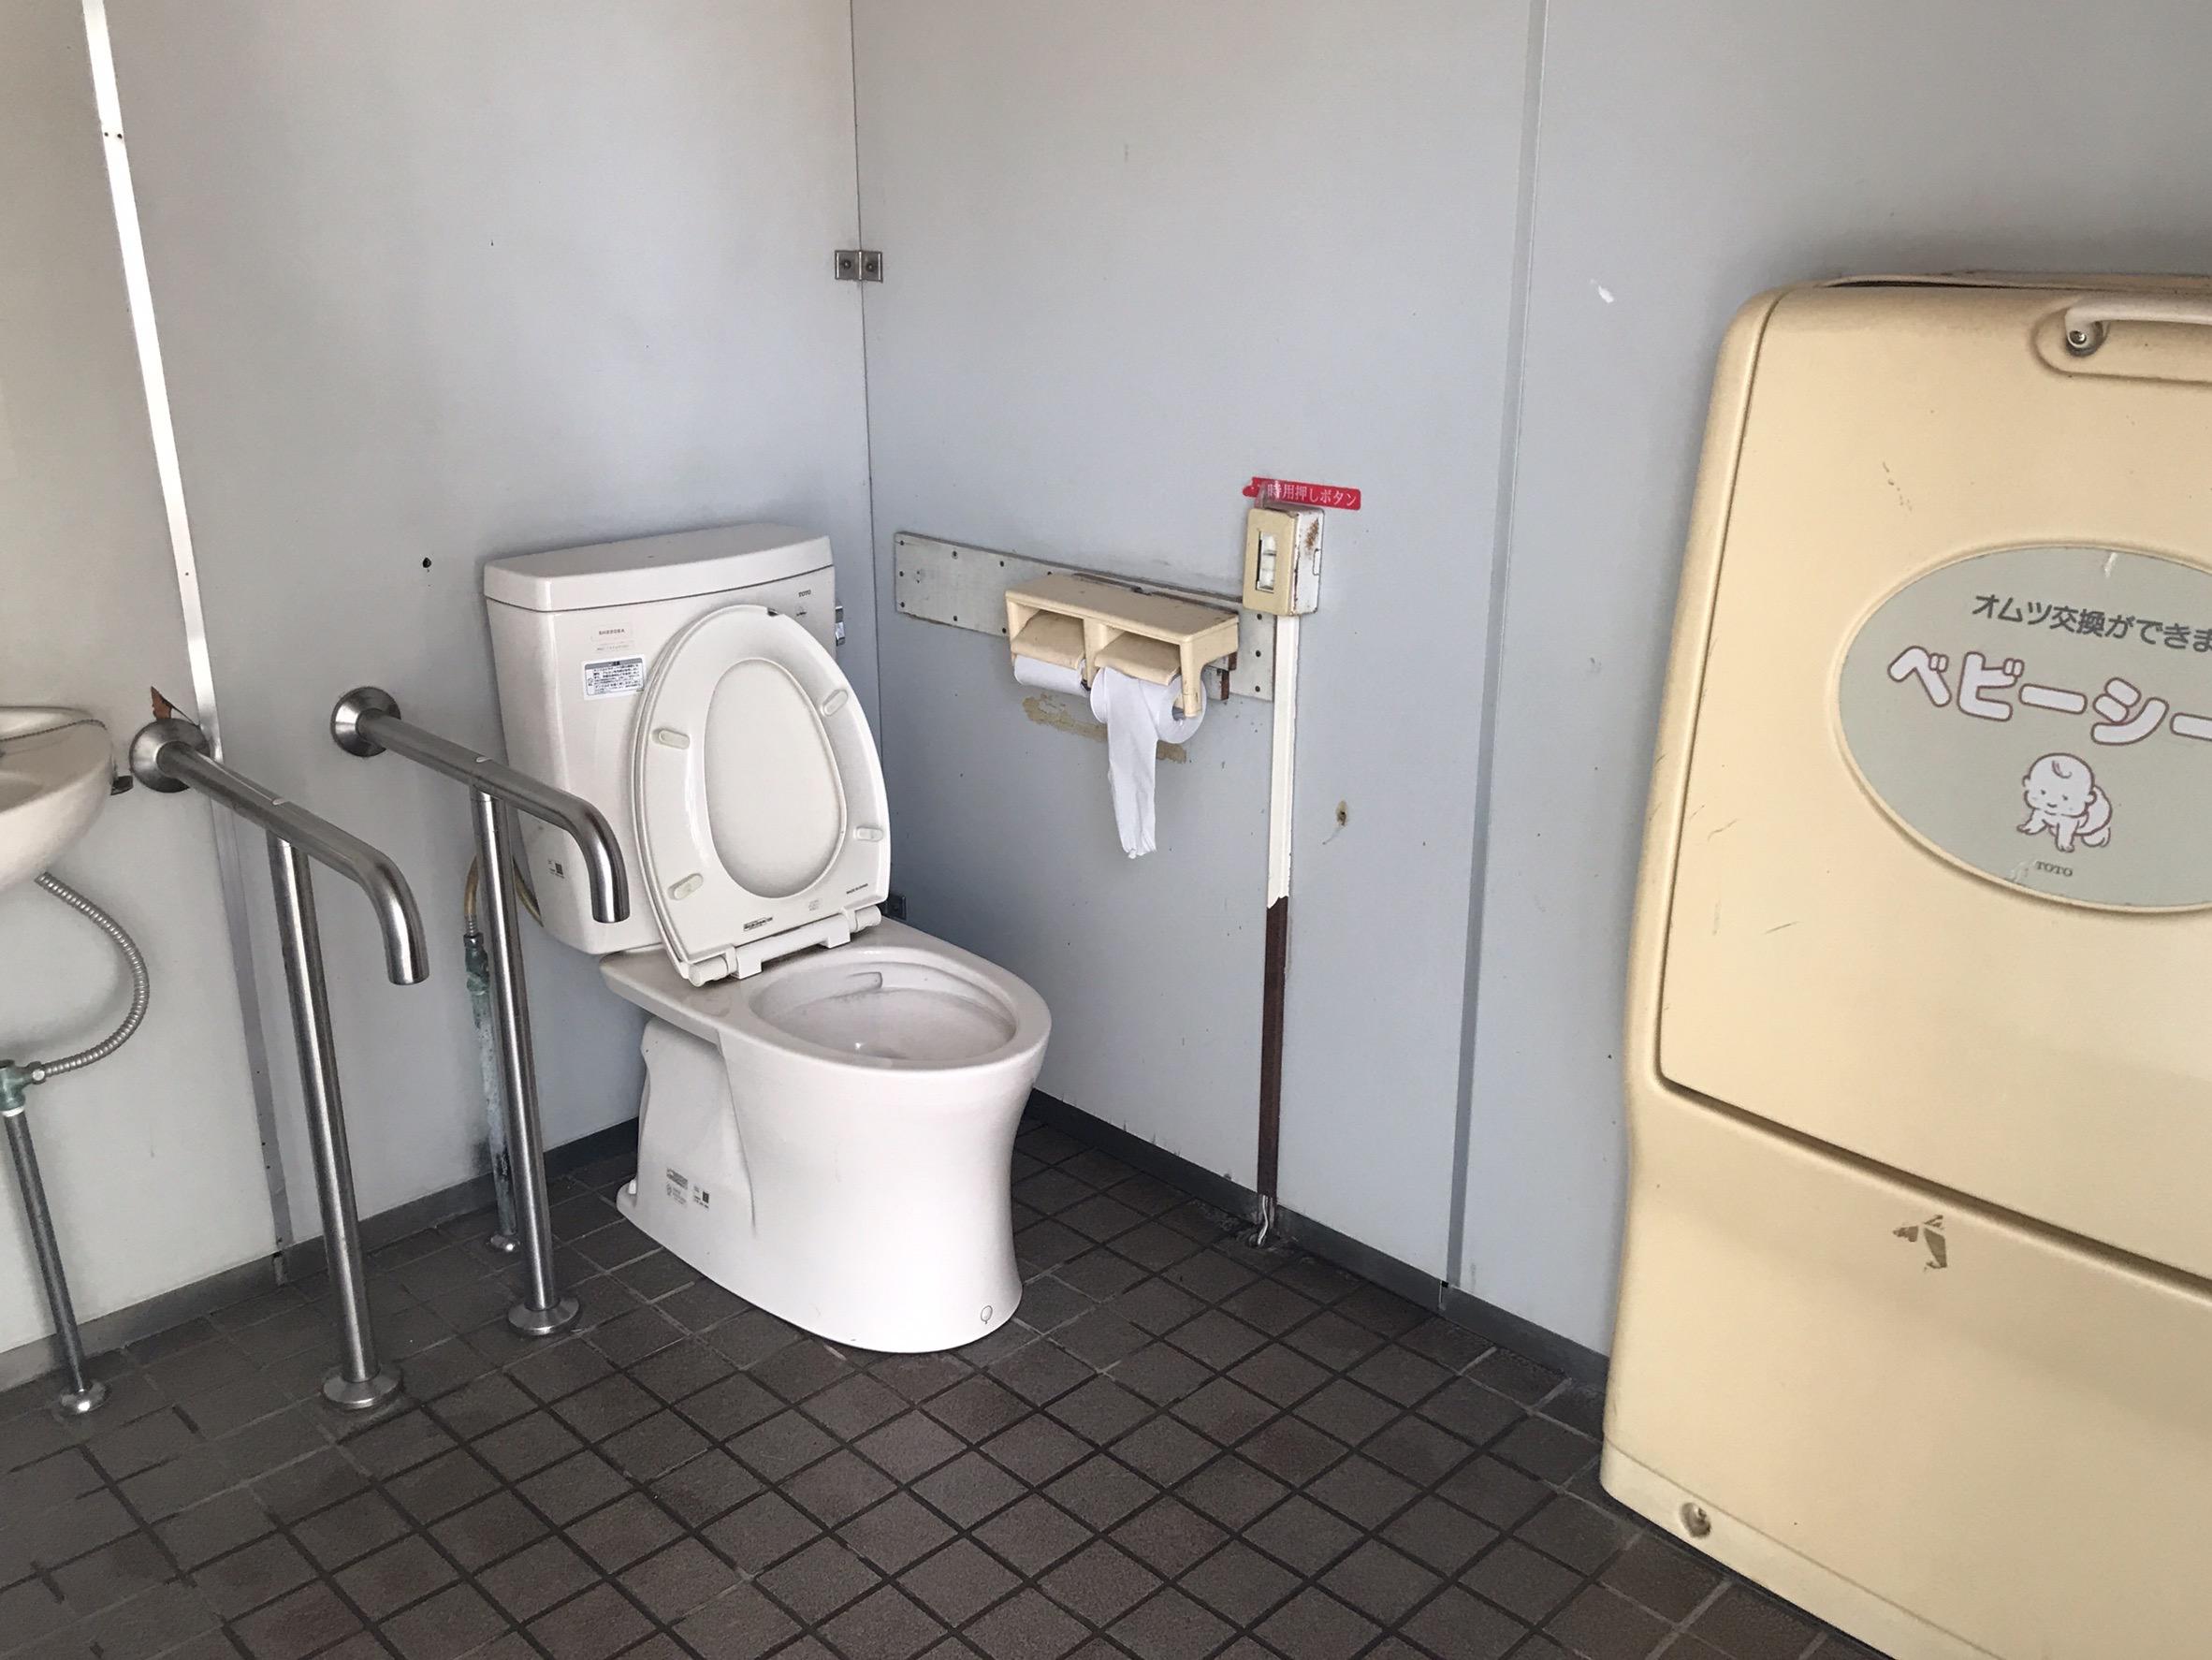 するすみふれあい公園トイレ